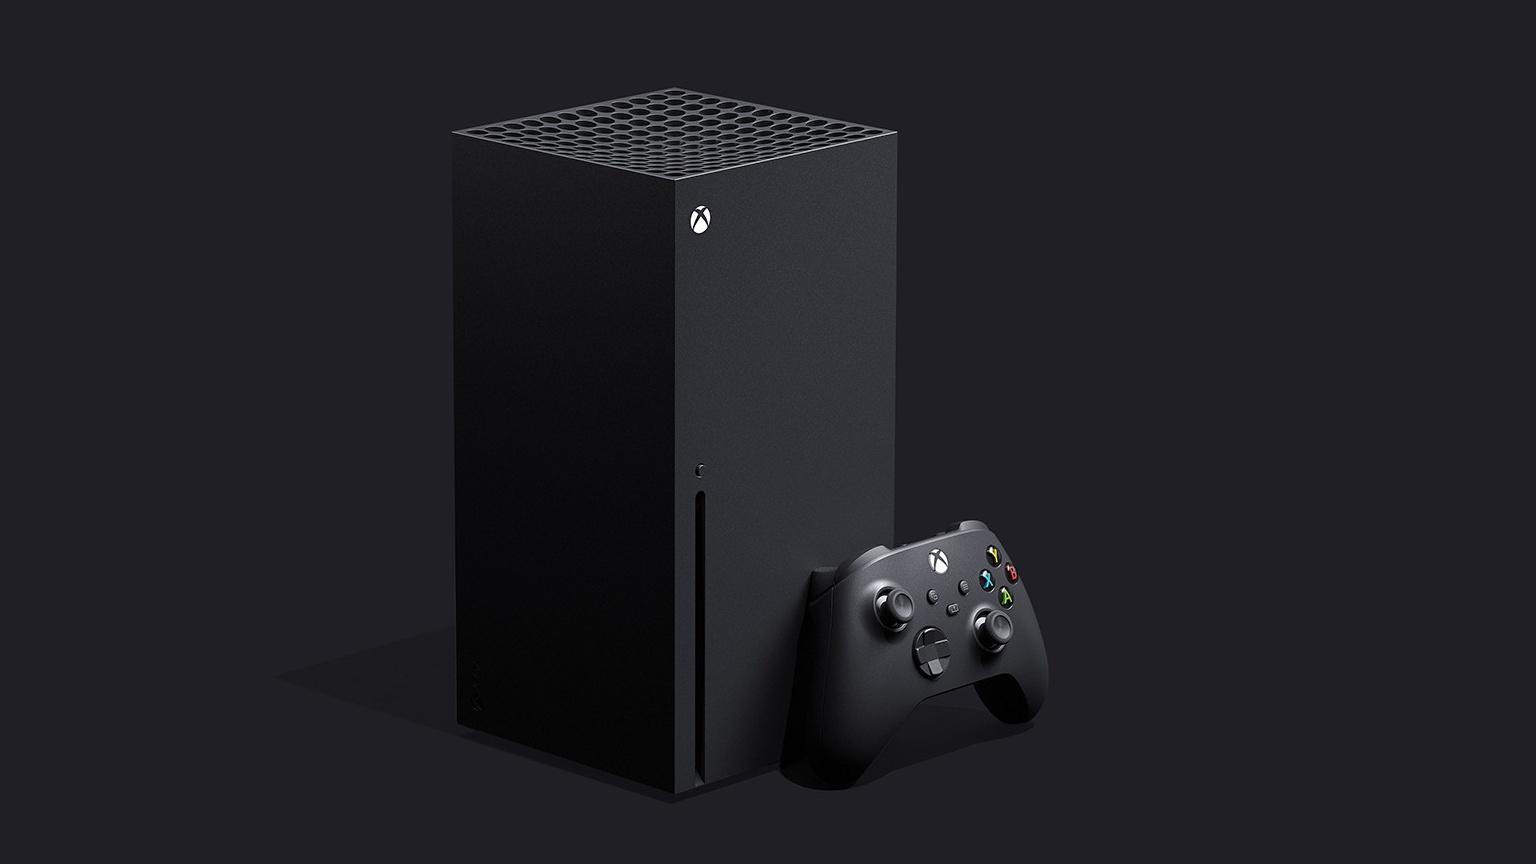 SSD внутри Xbox Series X - это накопитель M2 от Western Digital, который может быть заменен пользователем